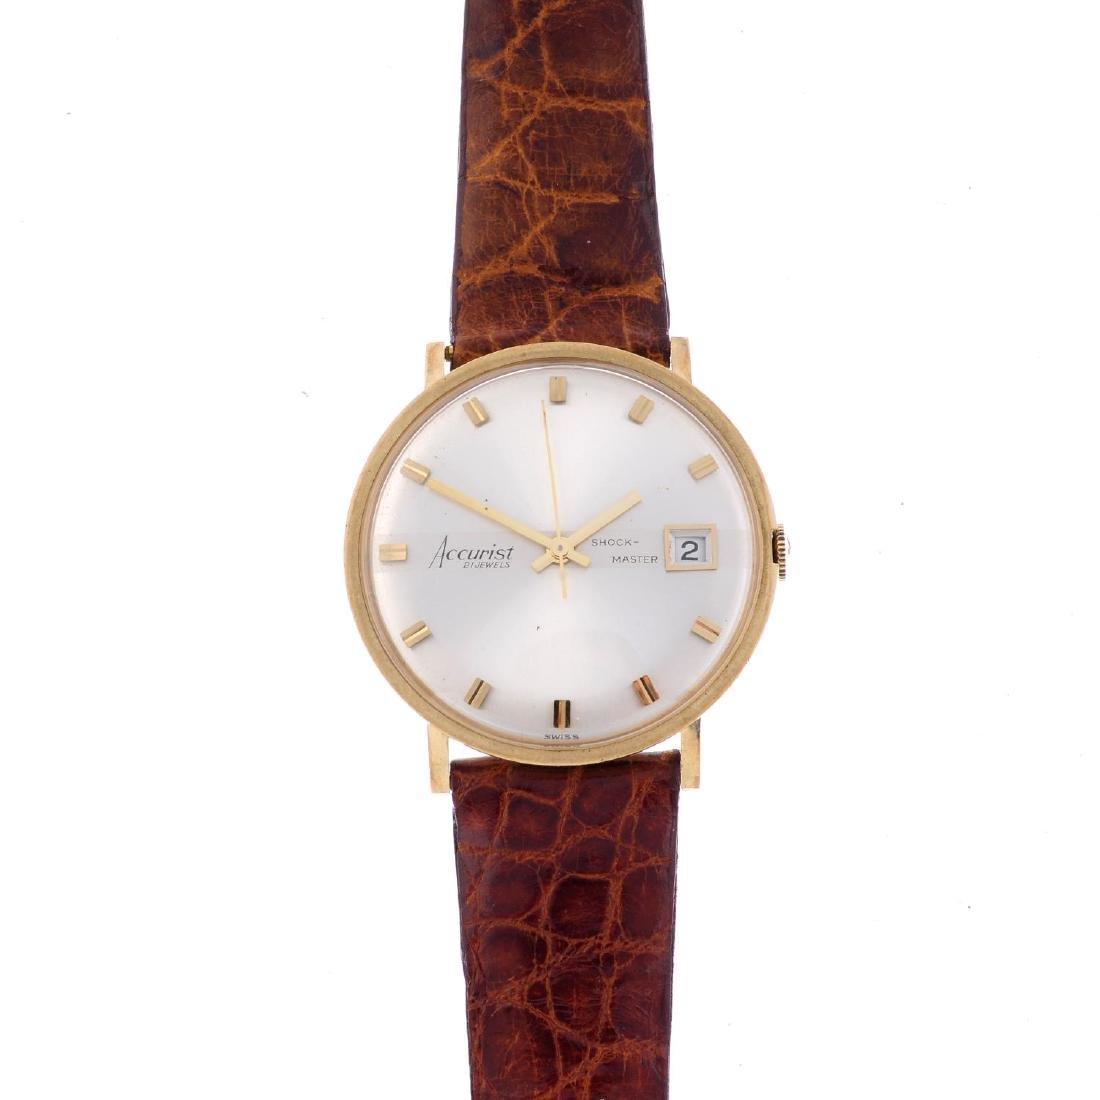 ACCURIST - a gentleman's Shock-Master wrist watch. 9ct